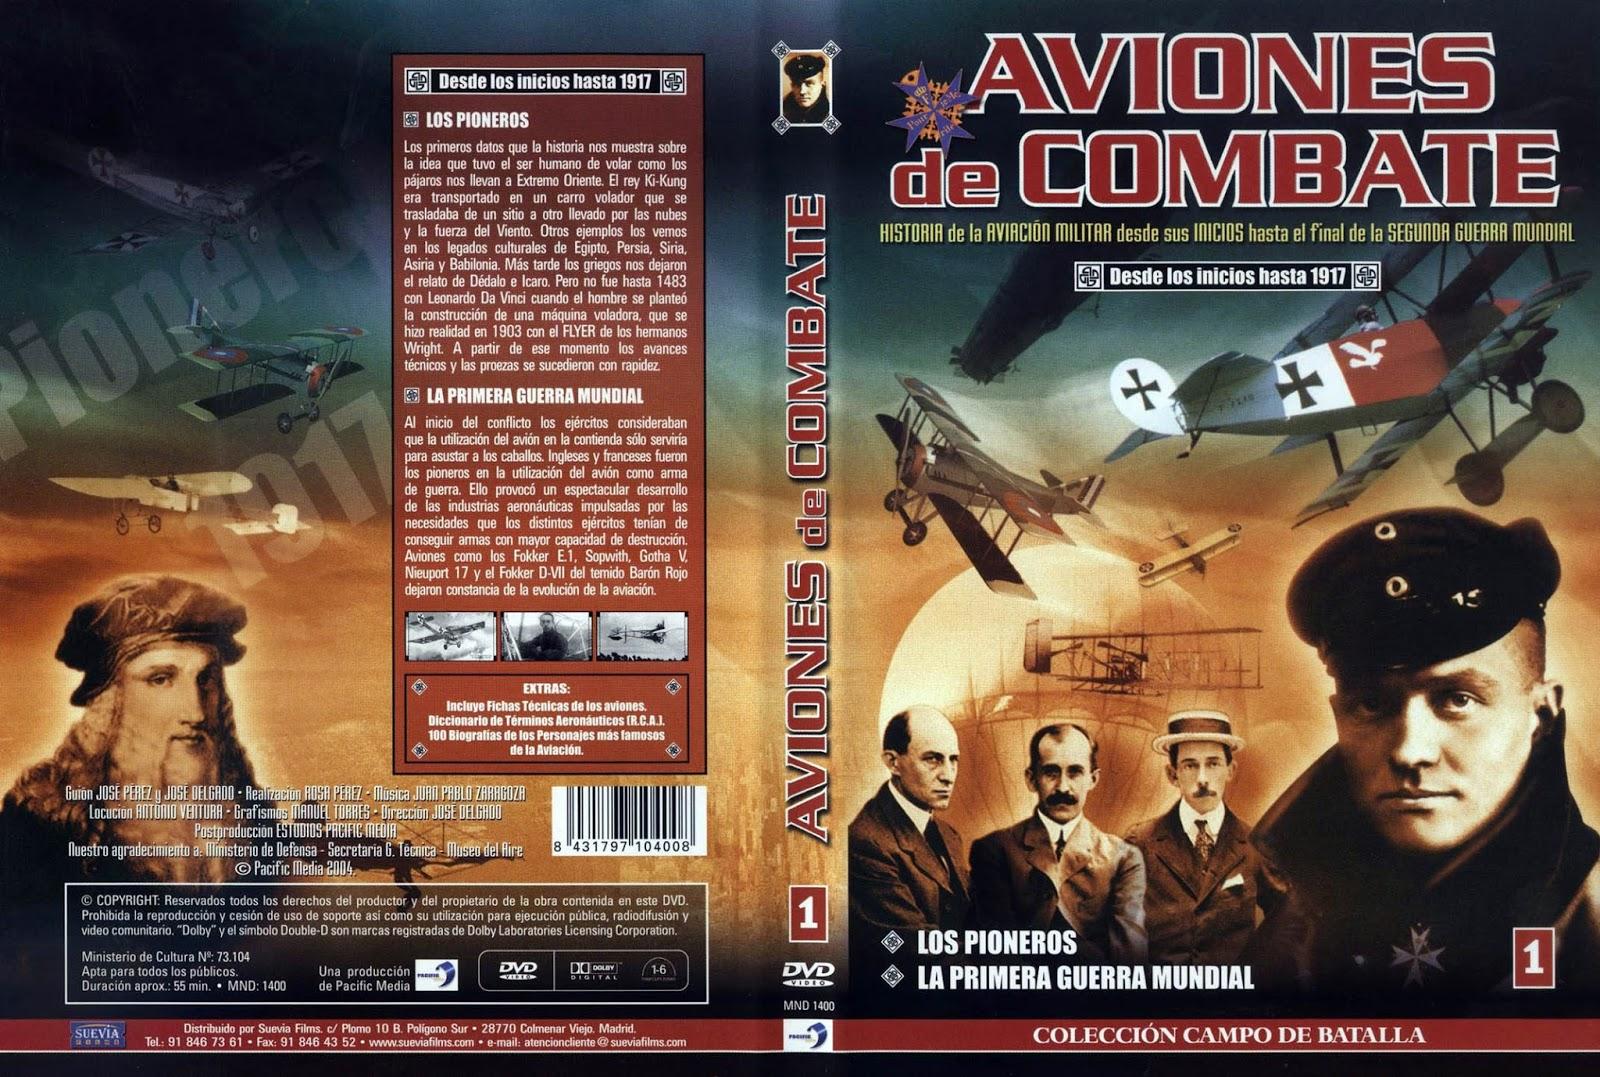 Capitulos de: Aviones de combate